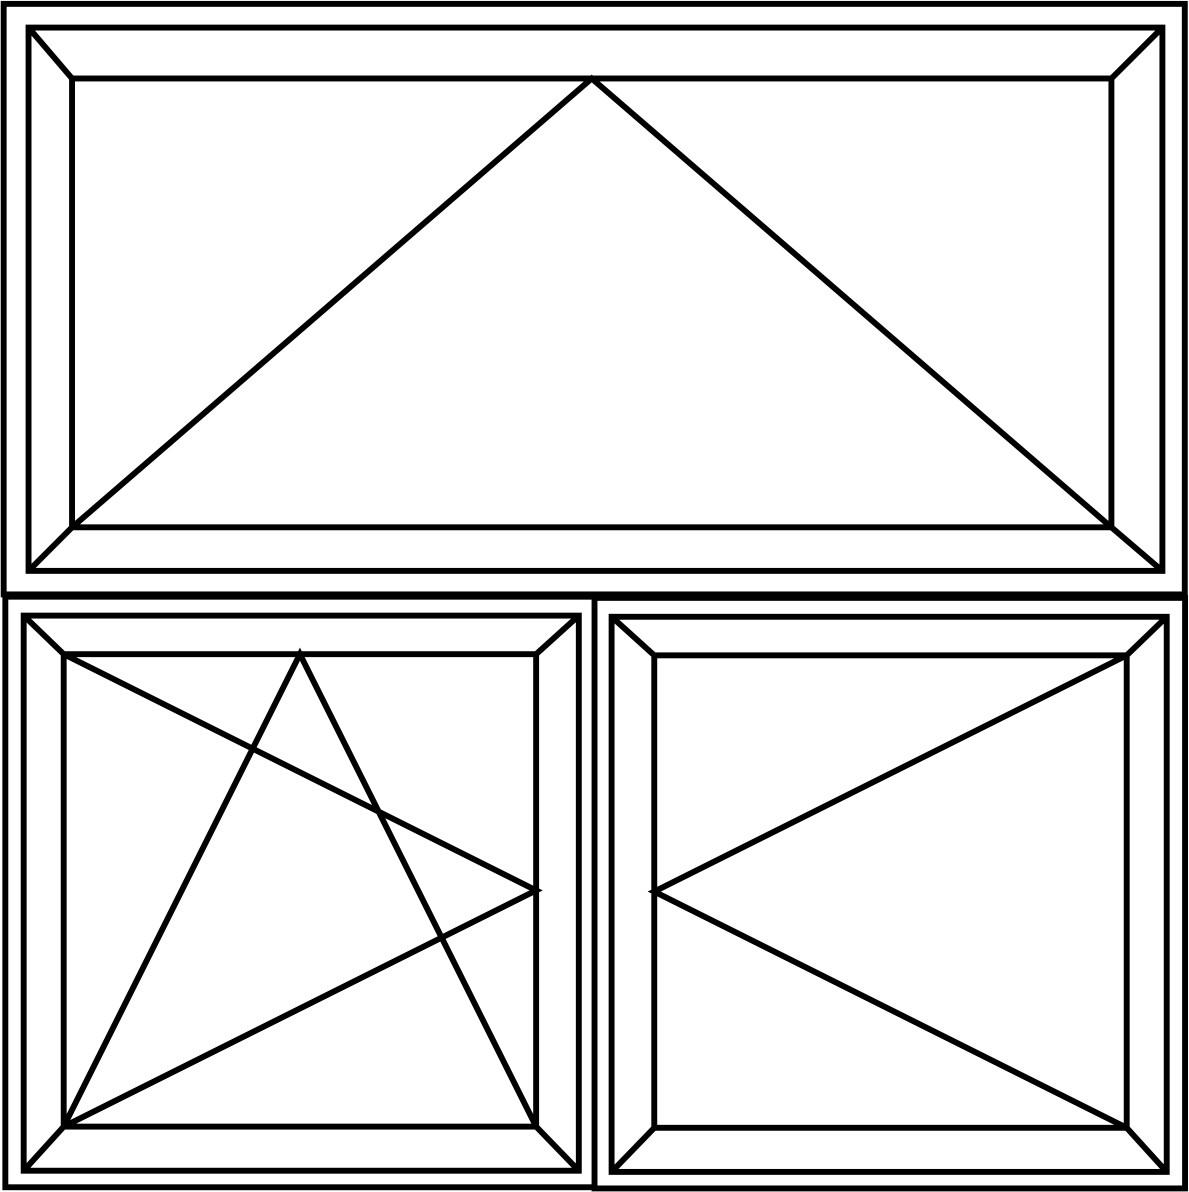 Full Size of Fenster Konfigurieren Dreiteiliges Online Kaufen Marken Qualitt Weihnachtsbeleuchtung Jemako Neue Einbauen Mit Sprossen Braun Rahmenlose Lüftung Konfigurator Fenster Fenster Konfigurieren